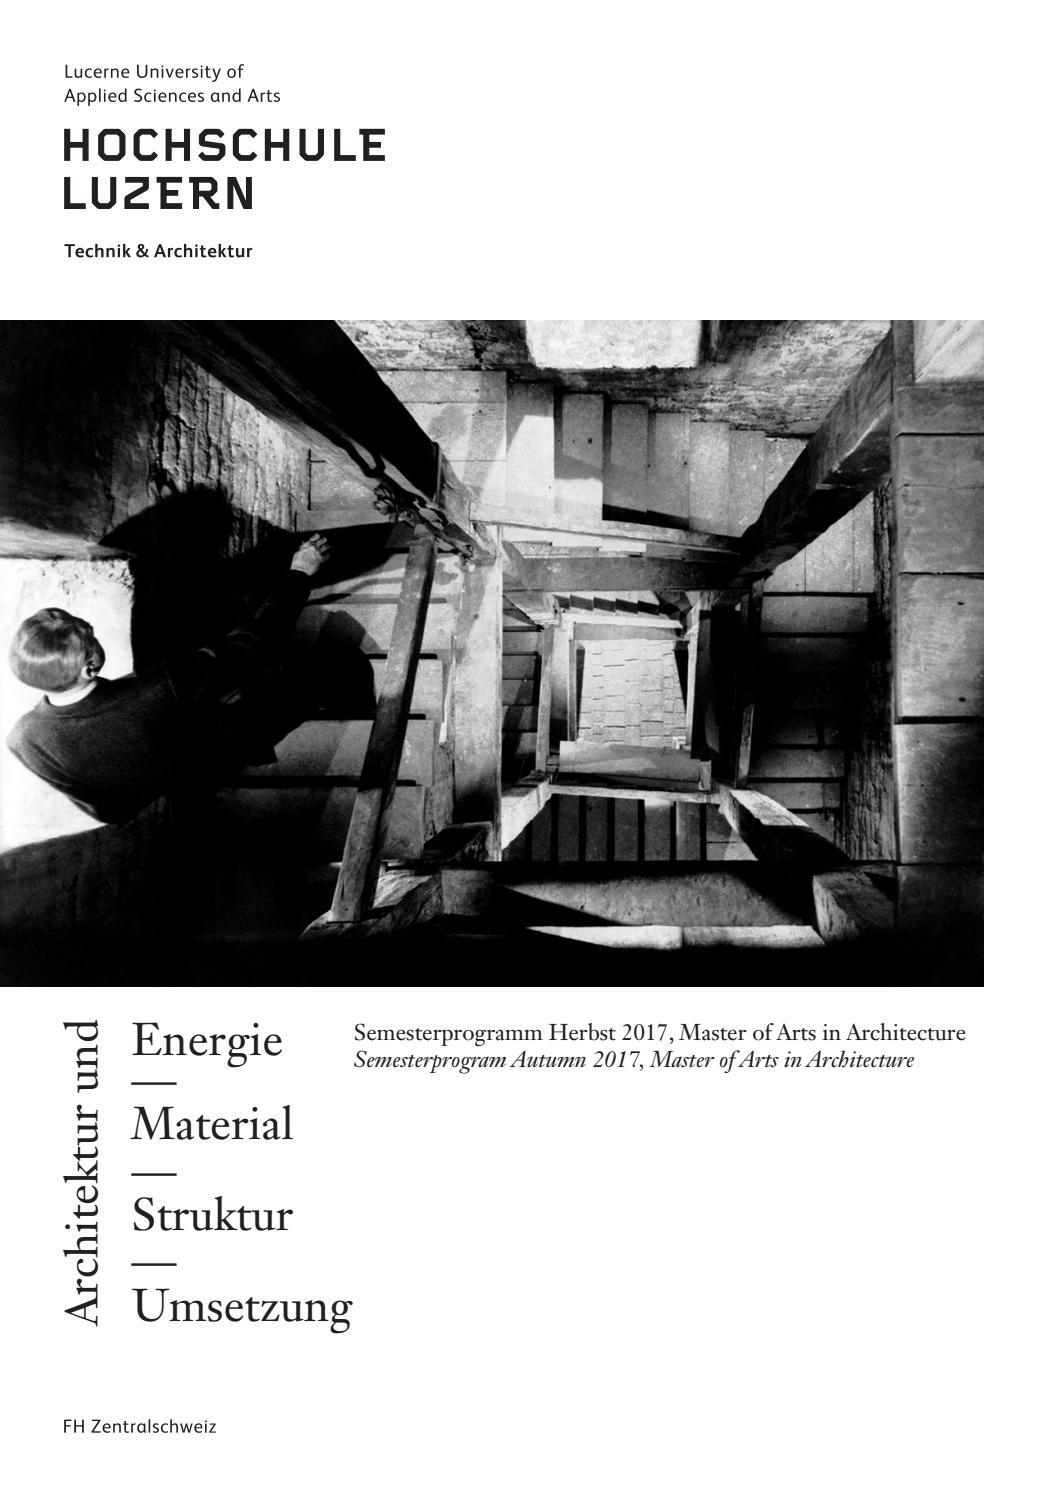 170911 17hs reader by Master Architektur - issuu